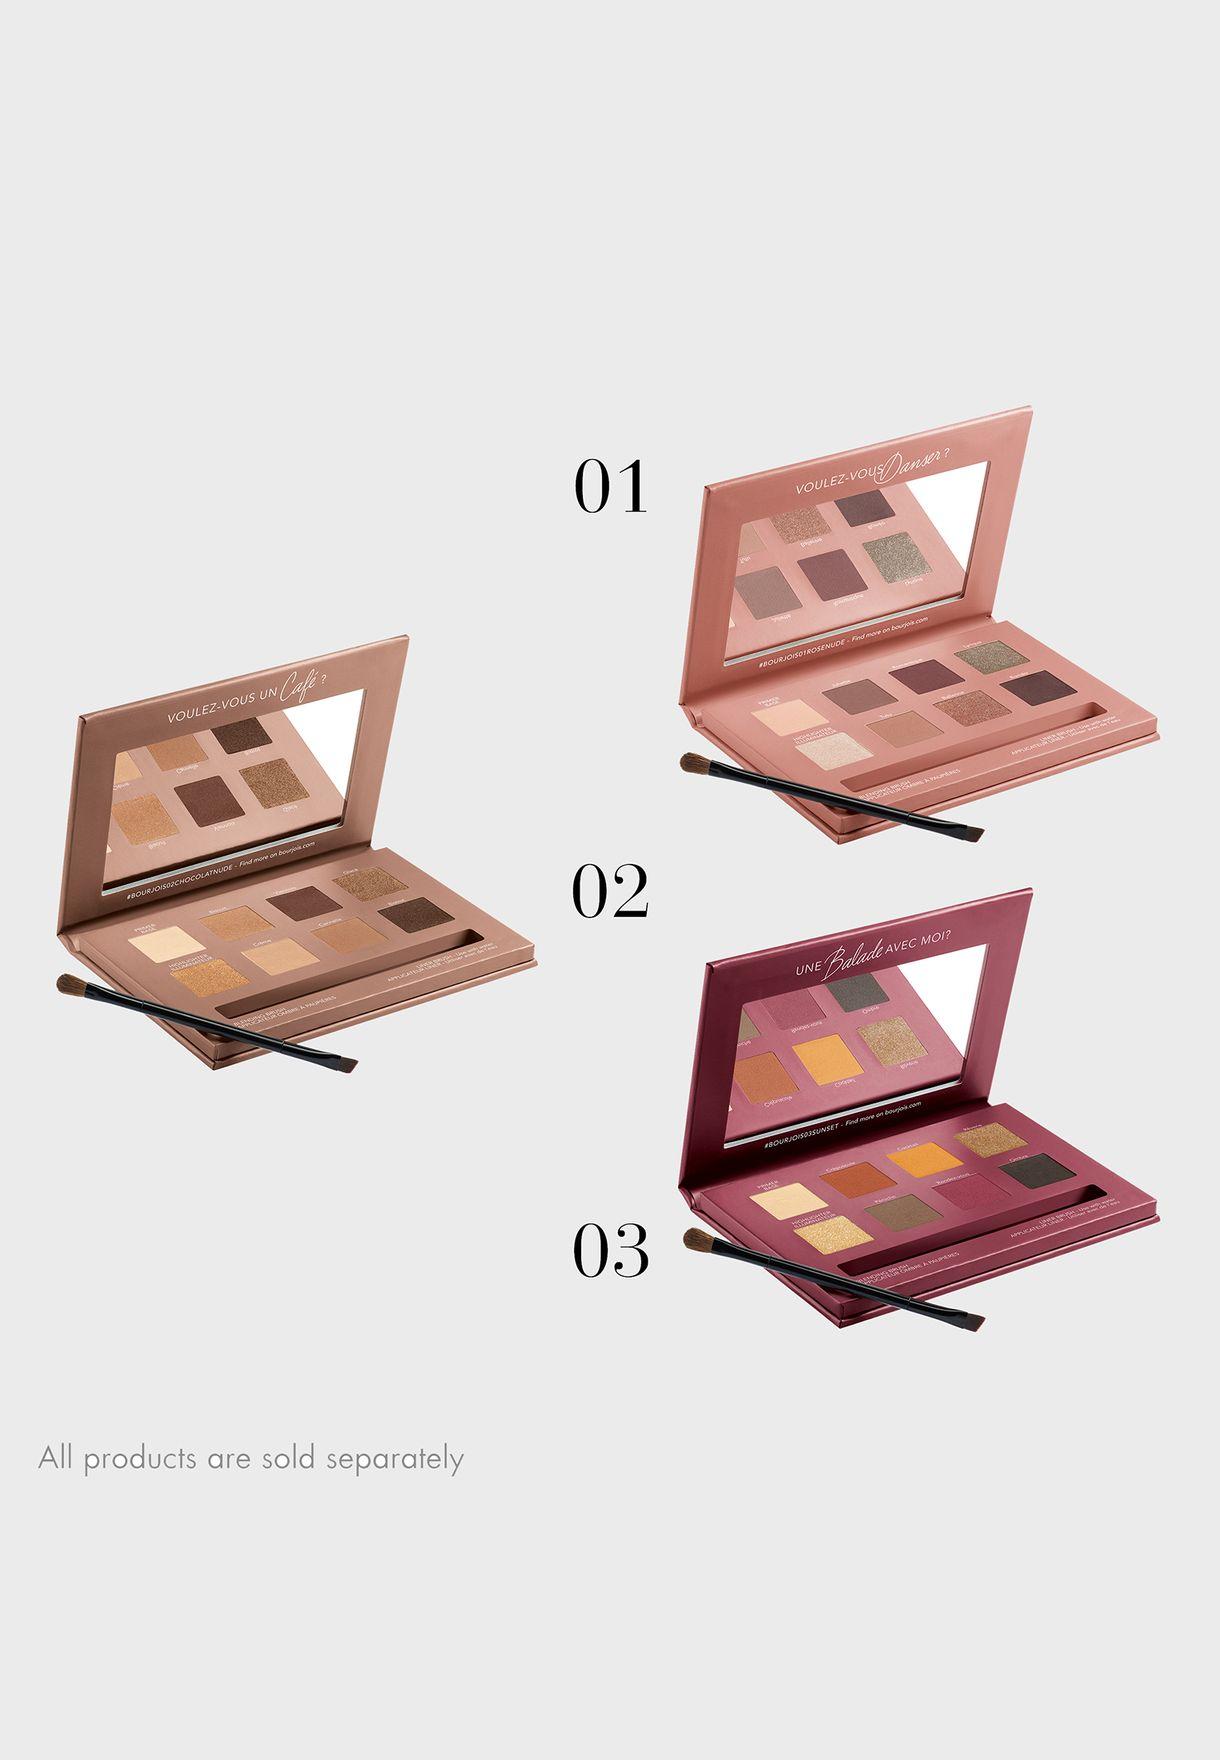 بورجوا رو دي كافيه شوكولا نود 02 من مجموعة بورجوا باريس إز كولينغ